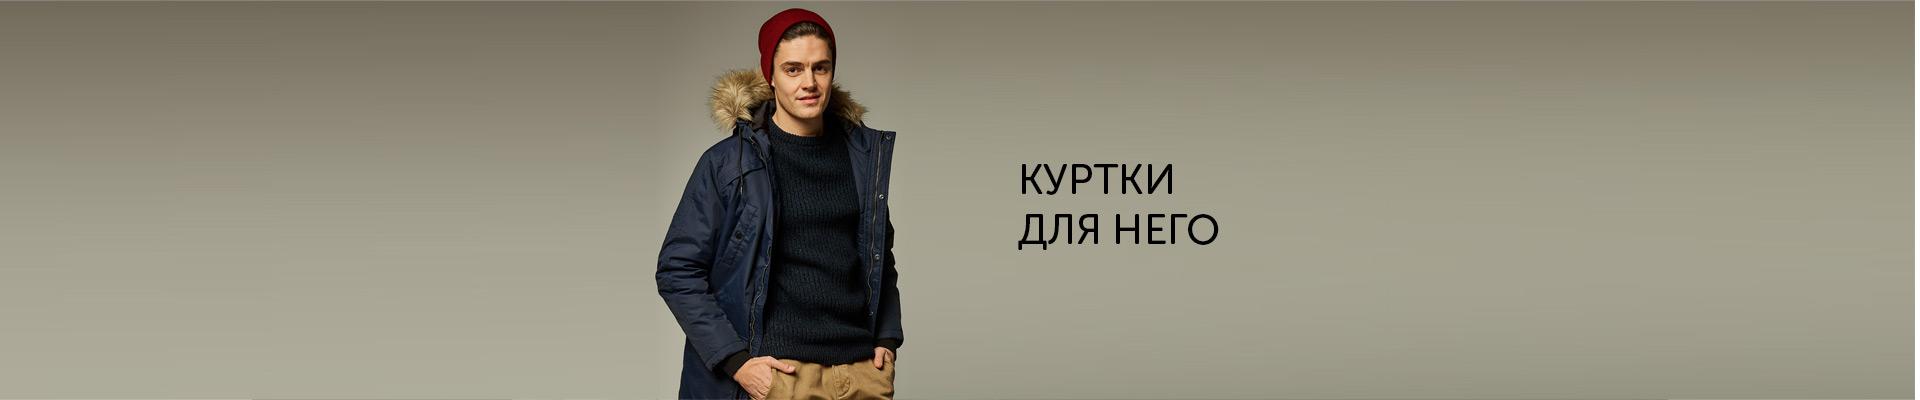 Куртки для него